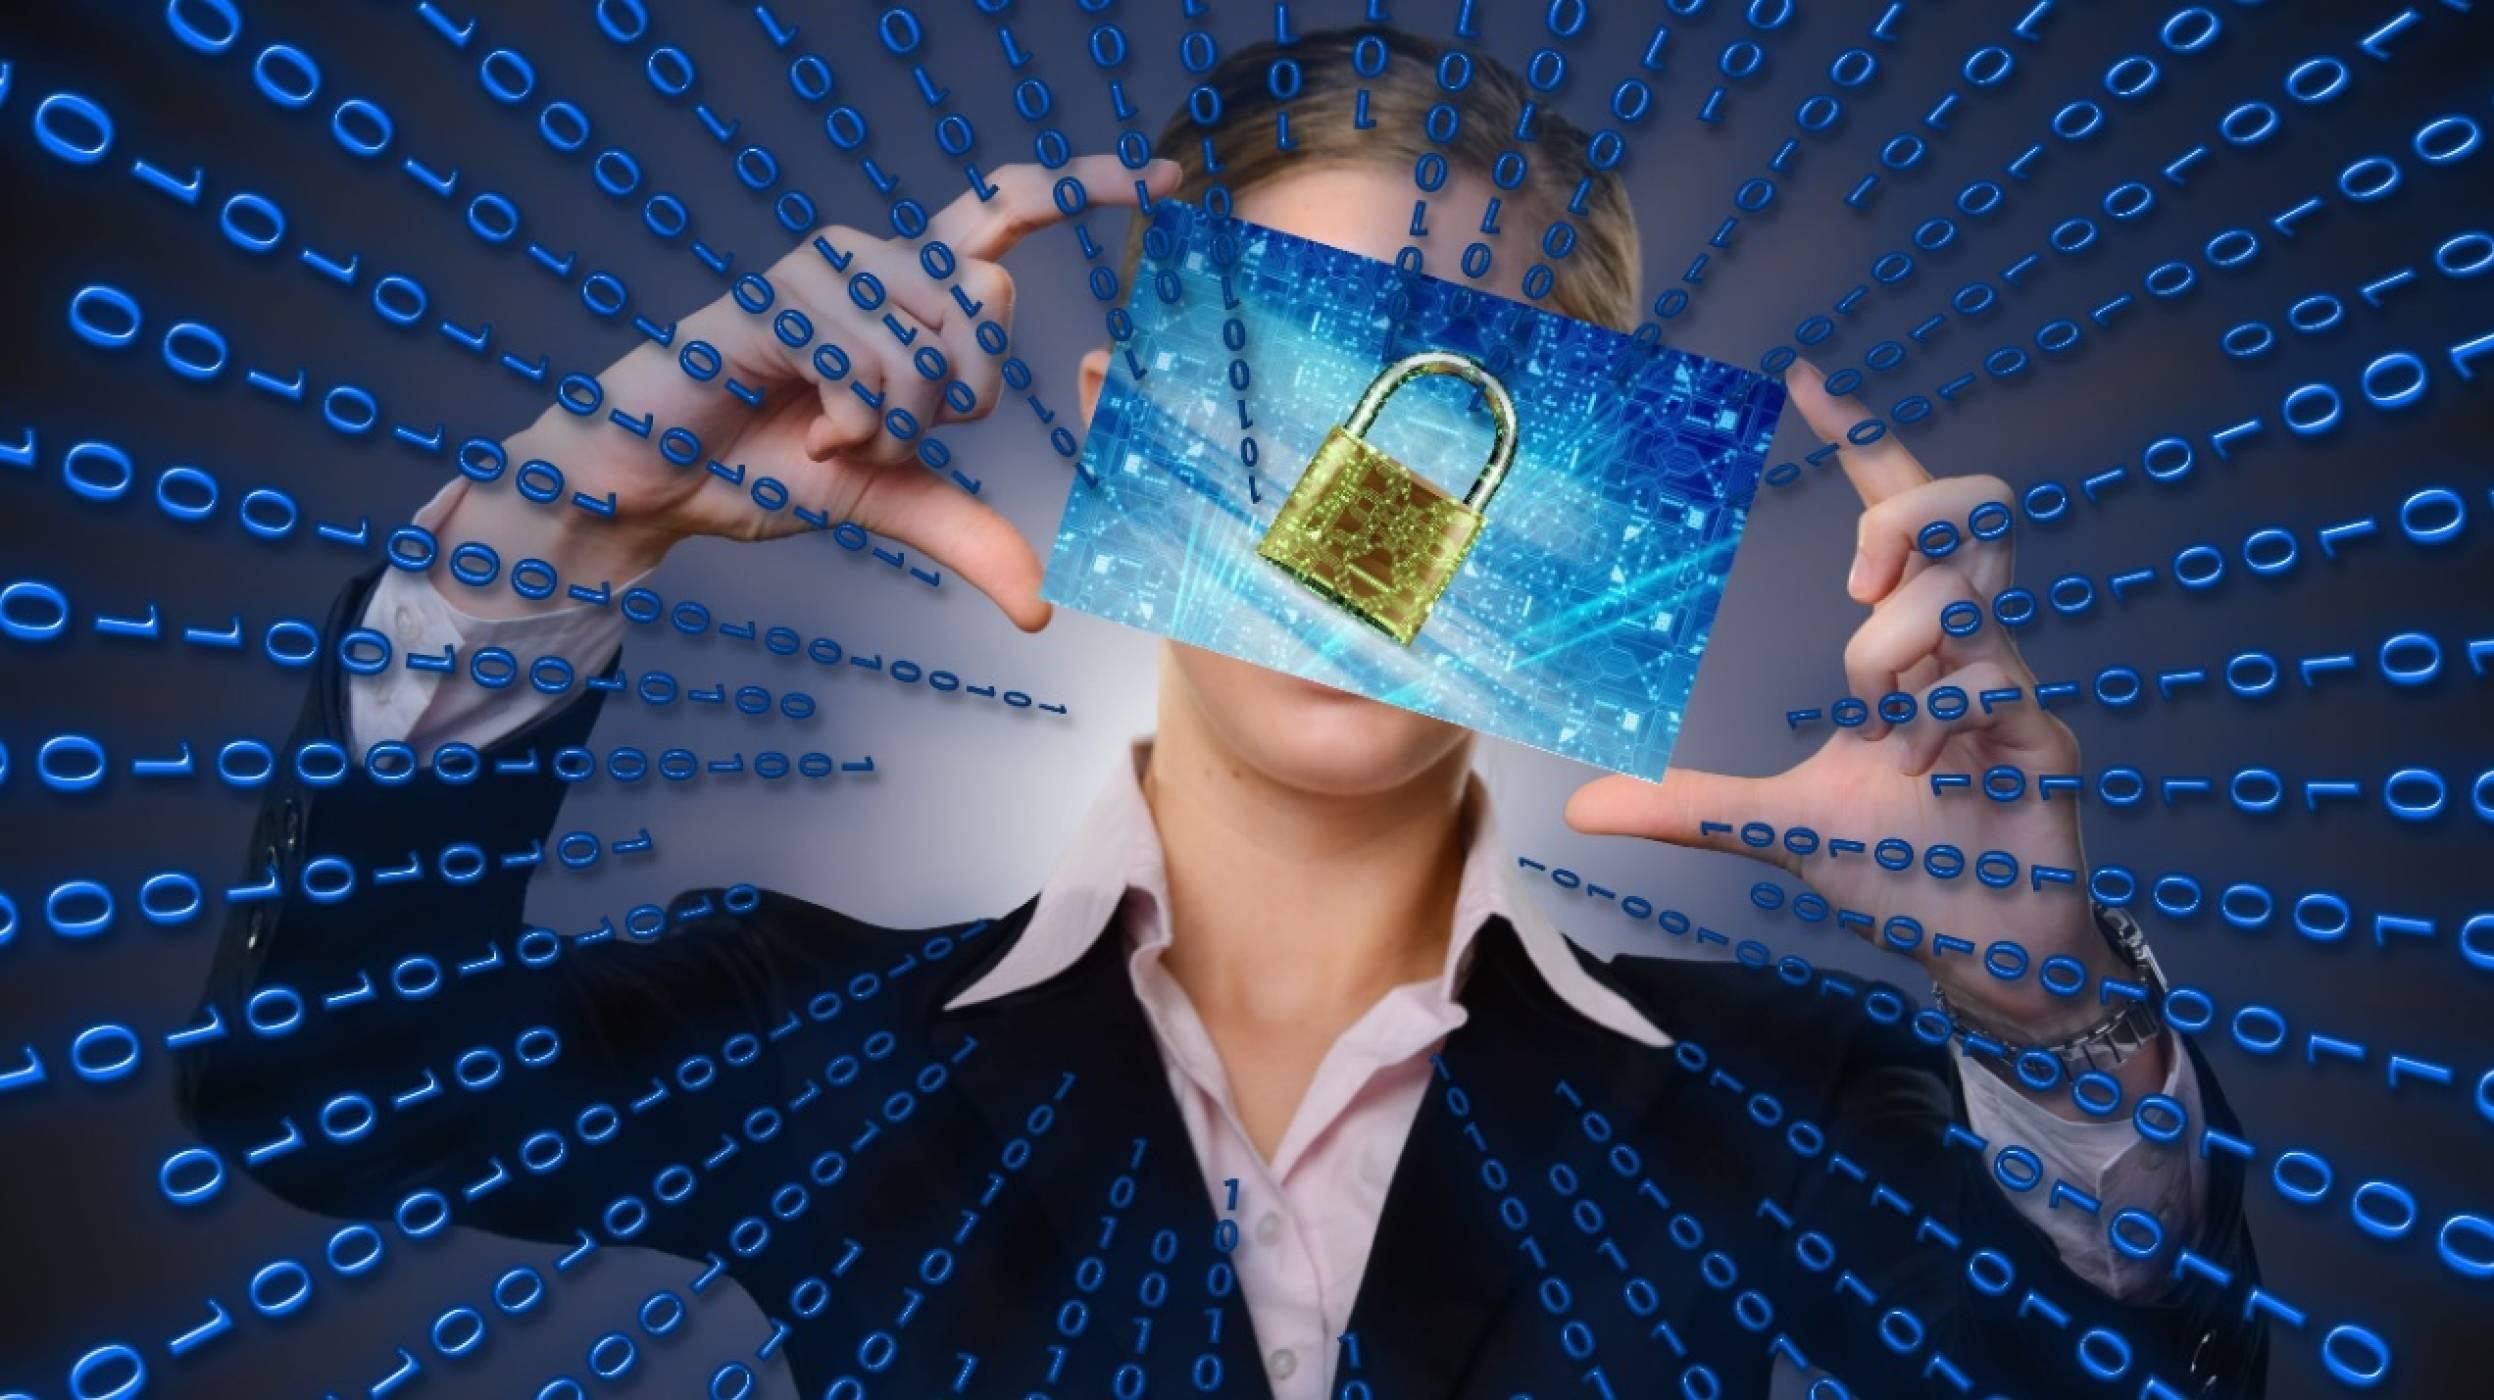 Ключов кибербандит се призна виновен за измама за над 500 млн. долара